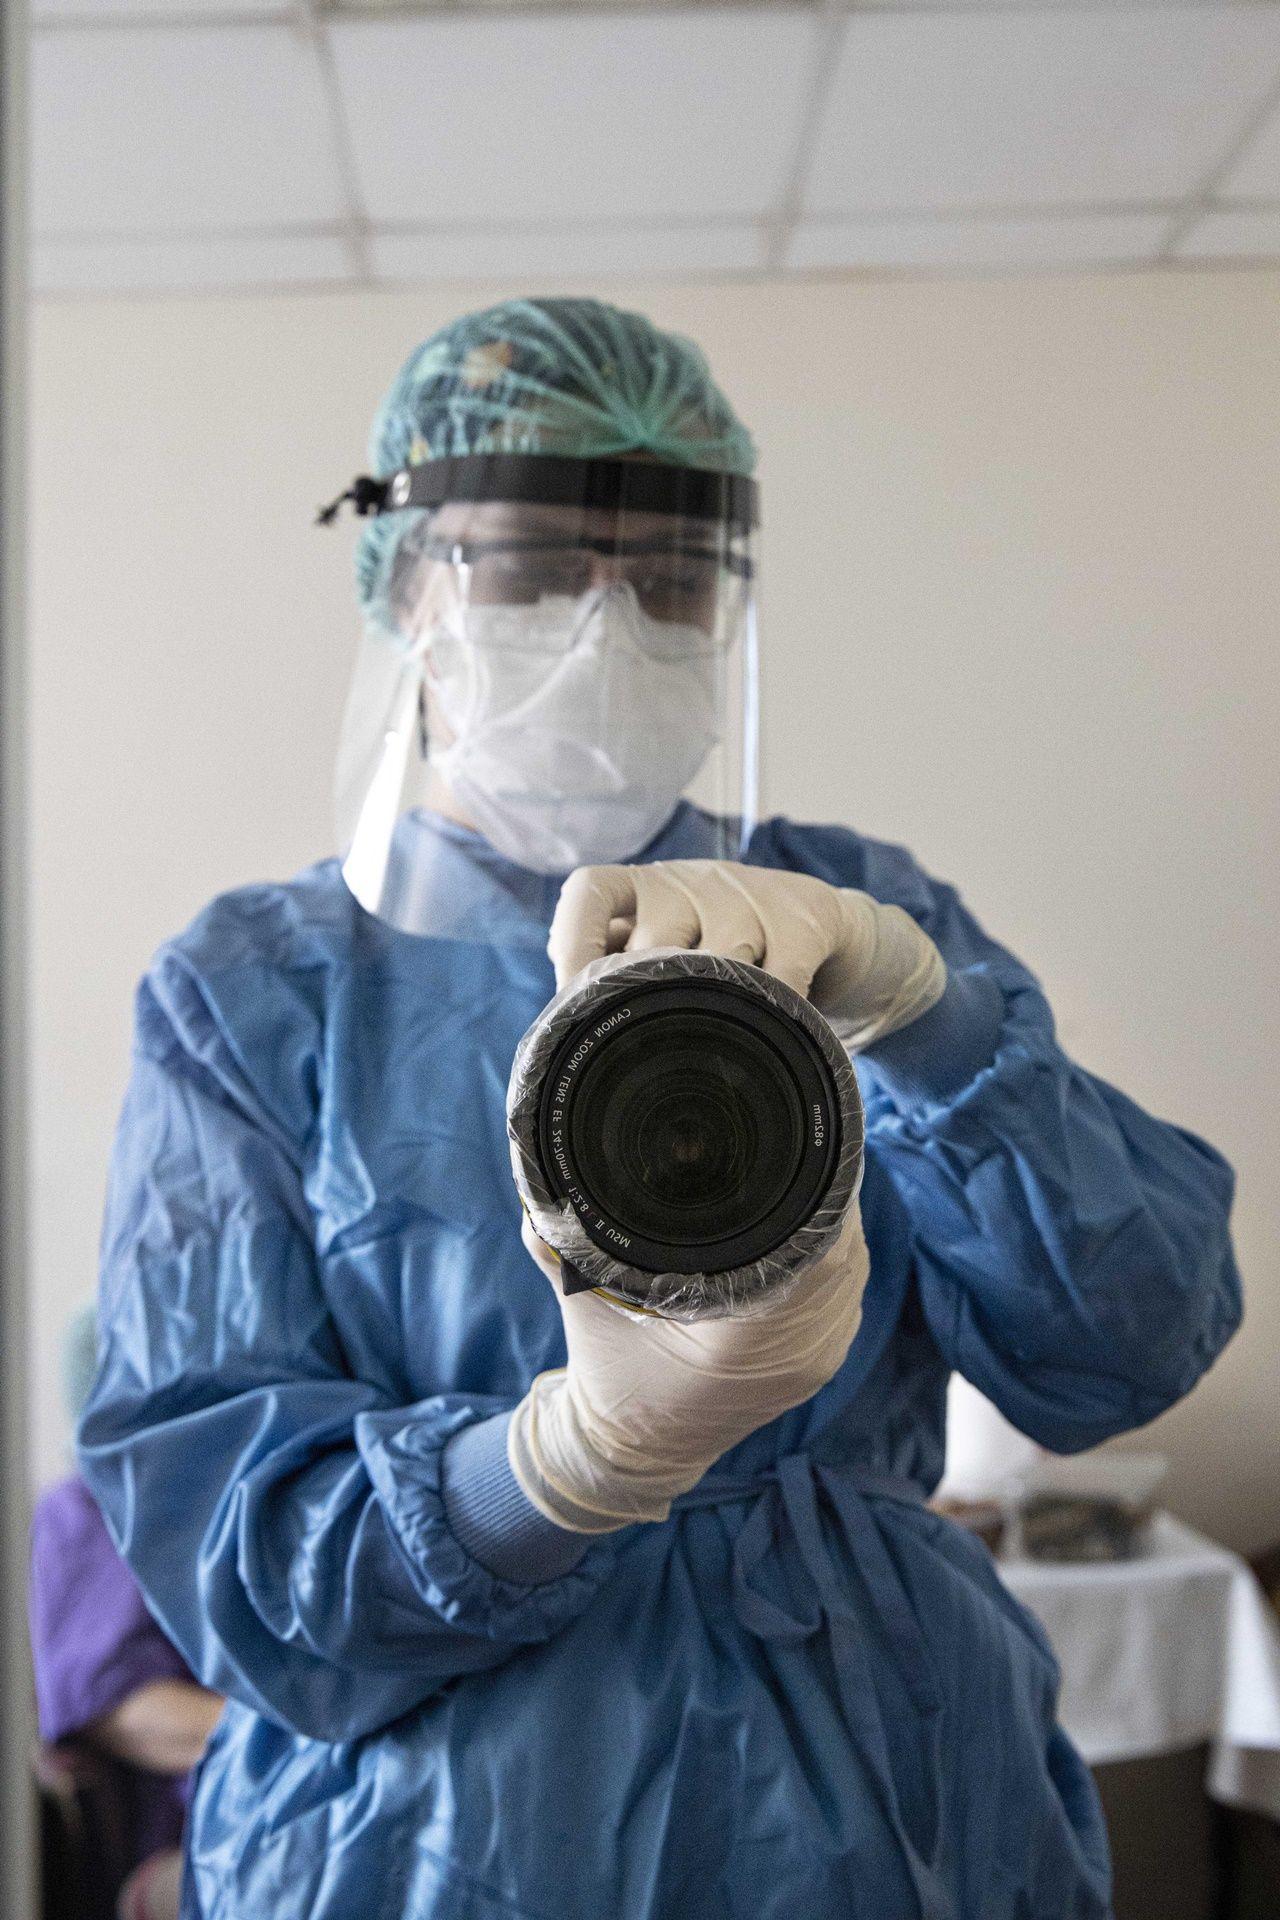 Fotoğraflarla sağlık çalışanlarının COVID-19'la mücadelesi - Sayfa 4